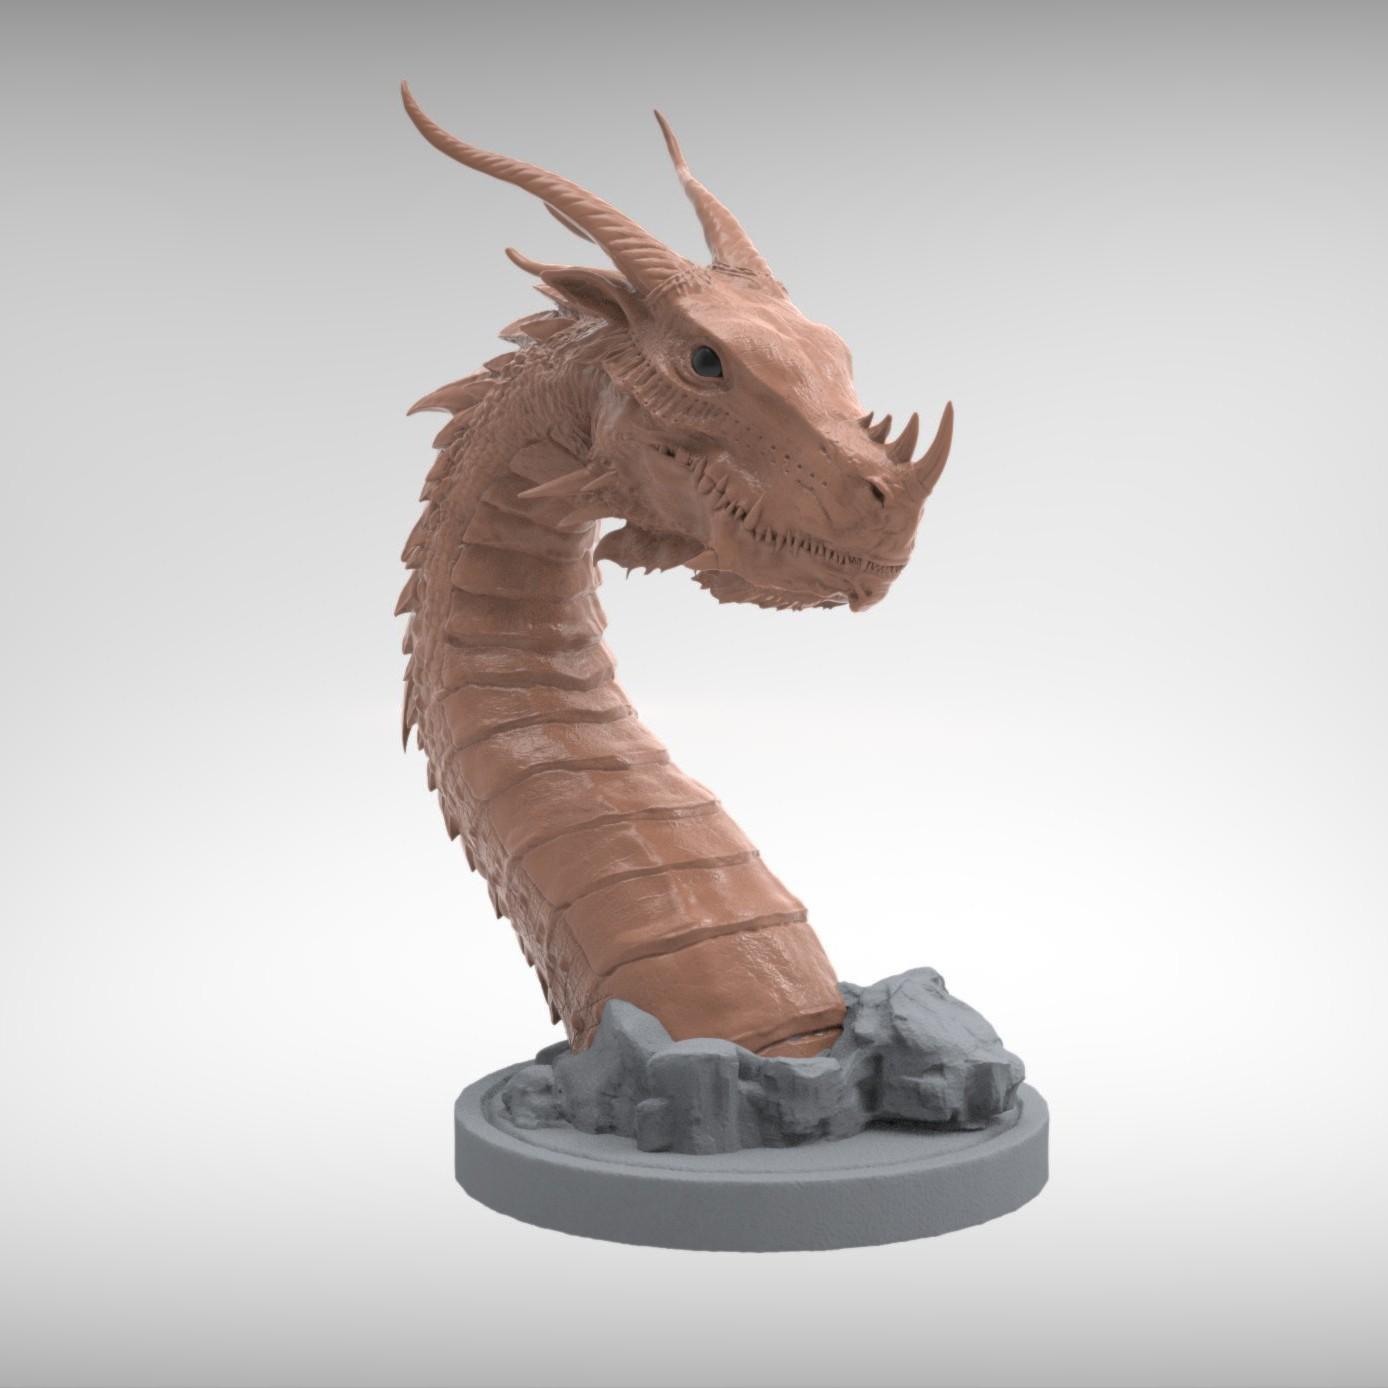 10.jpg Download STL file Era Dragon • 3D print object, Zhong